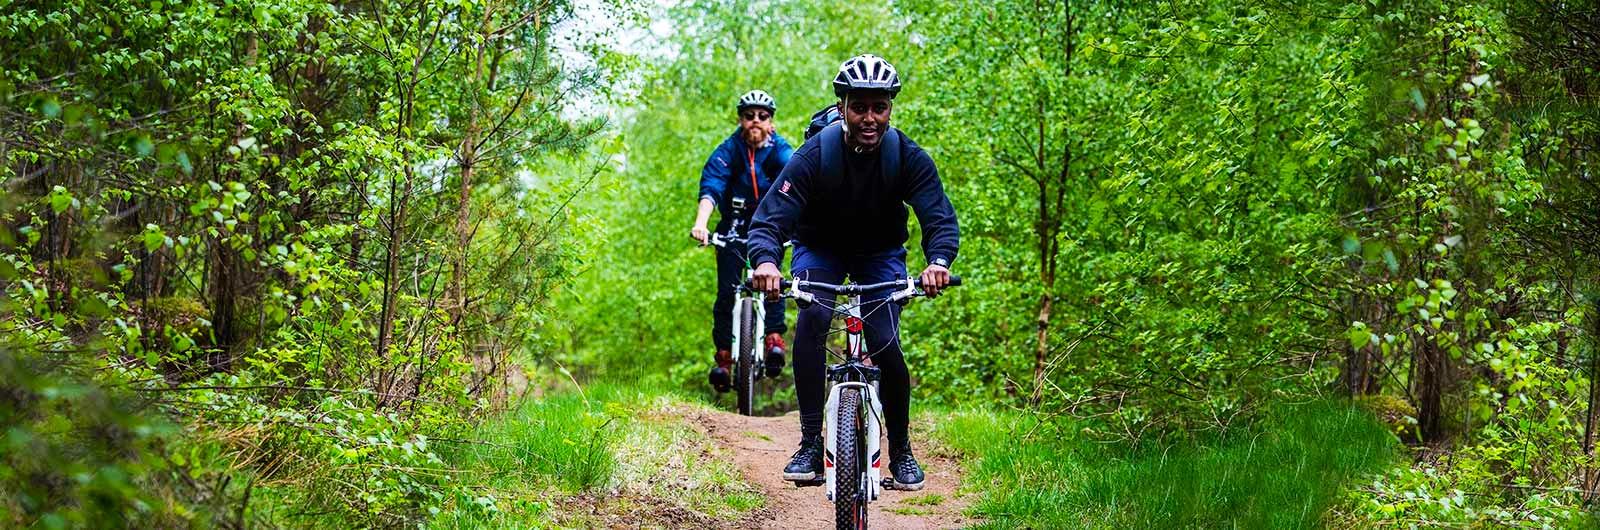 äventyr på cykel i skogen